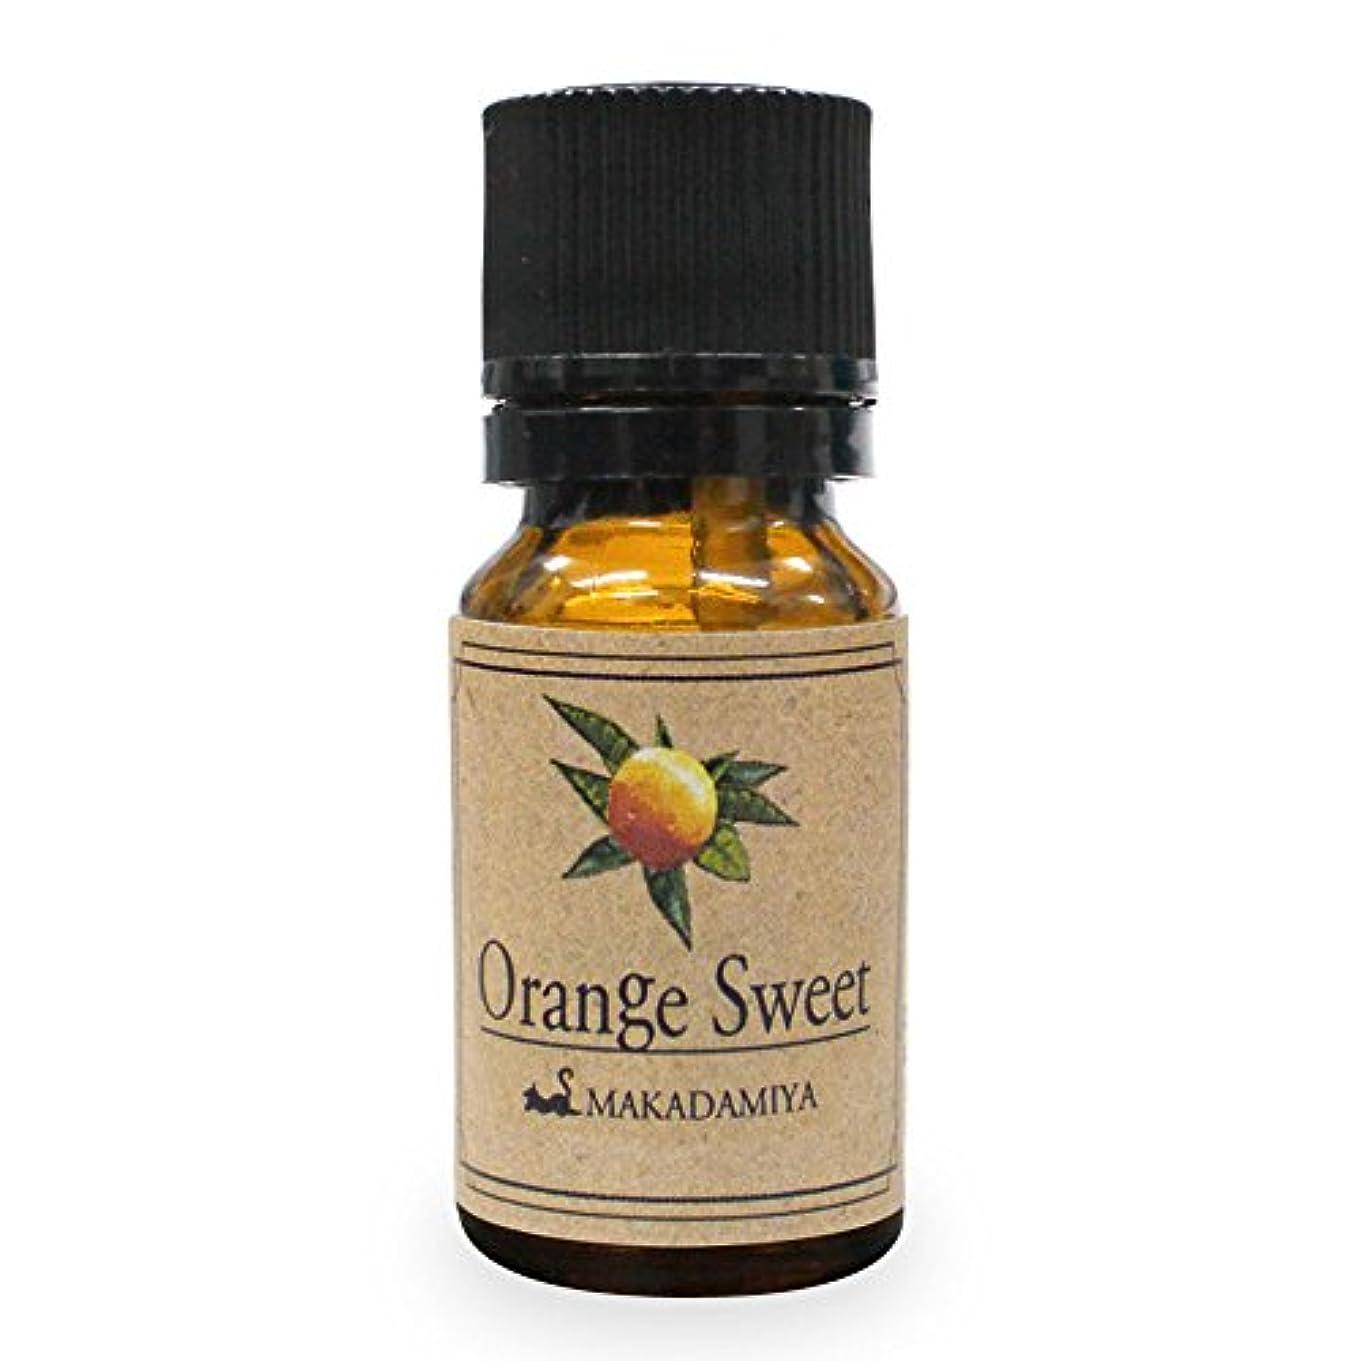 ひらめきビット開発オレンジ?スイート10ml 天然100%植物性 エッセンシャルオイル(精油) アロマオイル アロママッサージ aroma Orange S.